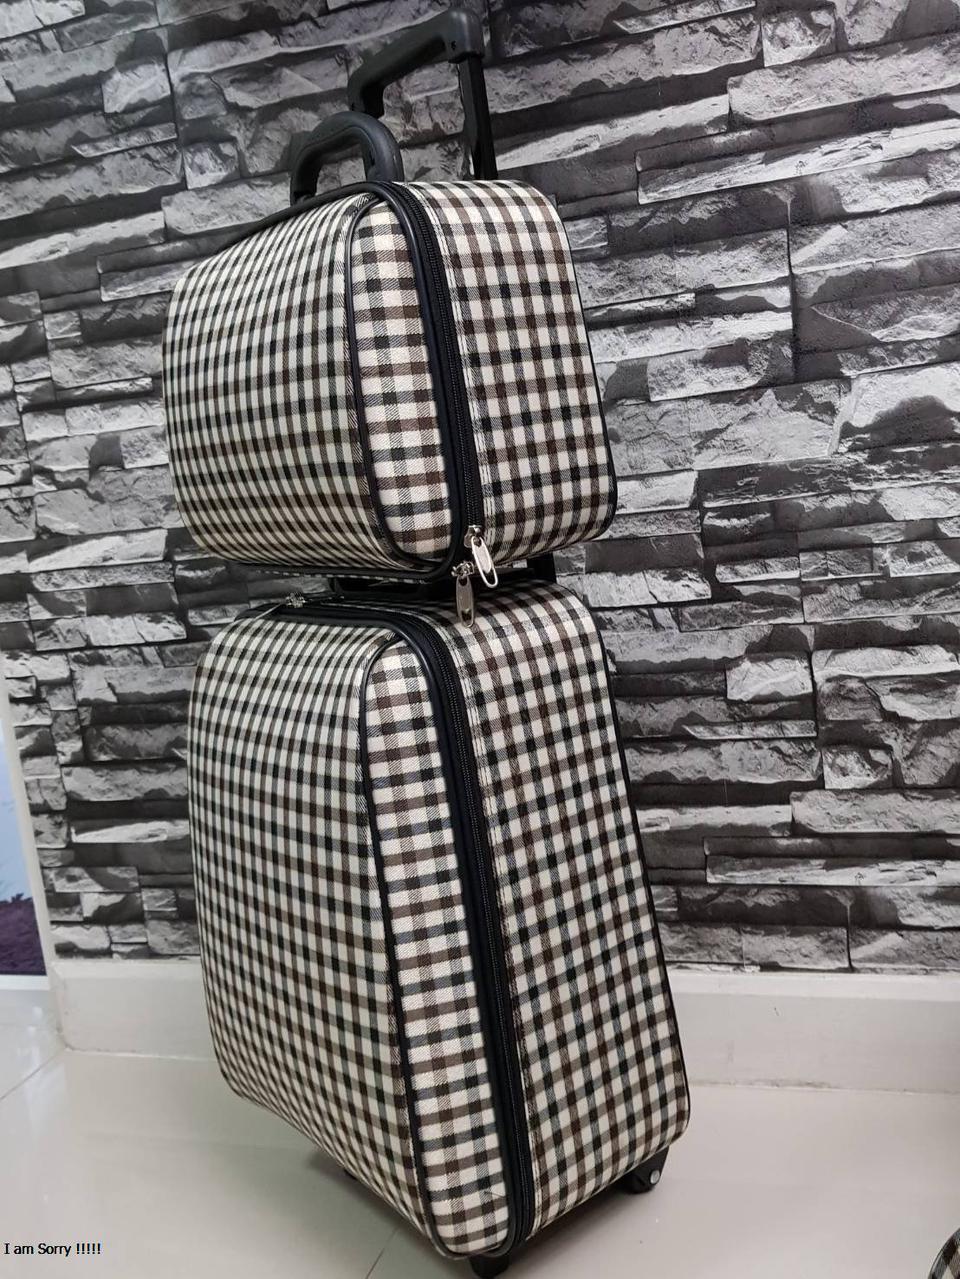 กระเป๋าเดินทางแบบผ้า เซ็ทคู่ 18/13 นิ้ว ลาย Khaki/Brown รูปที่ 3